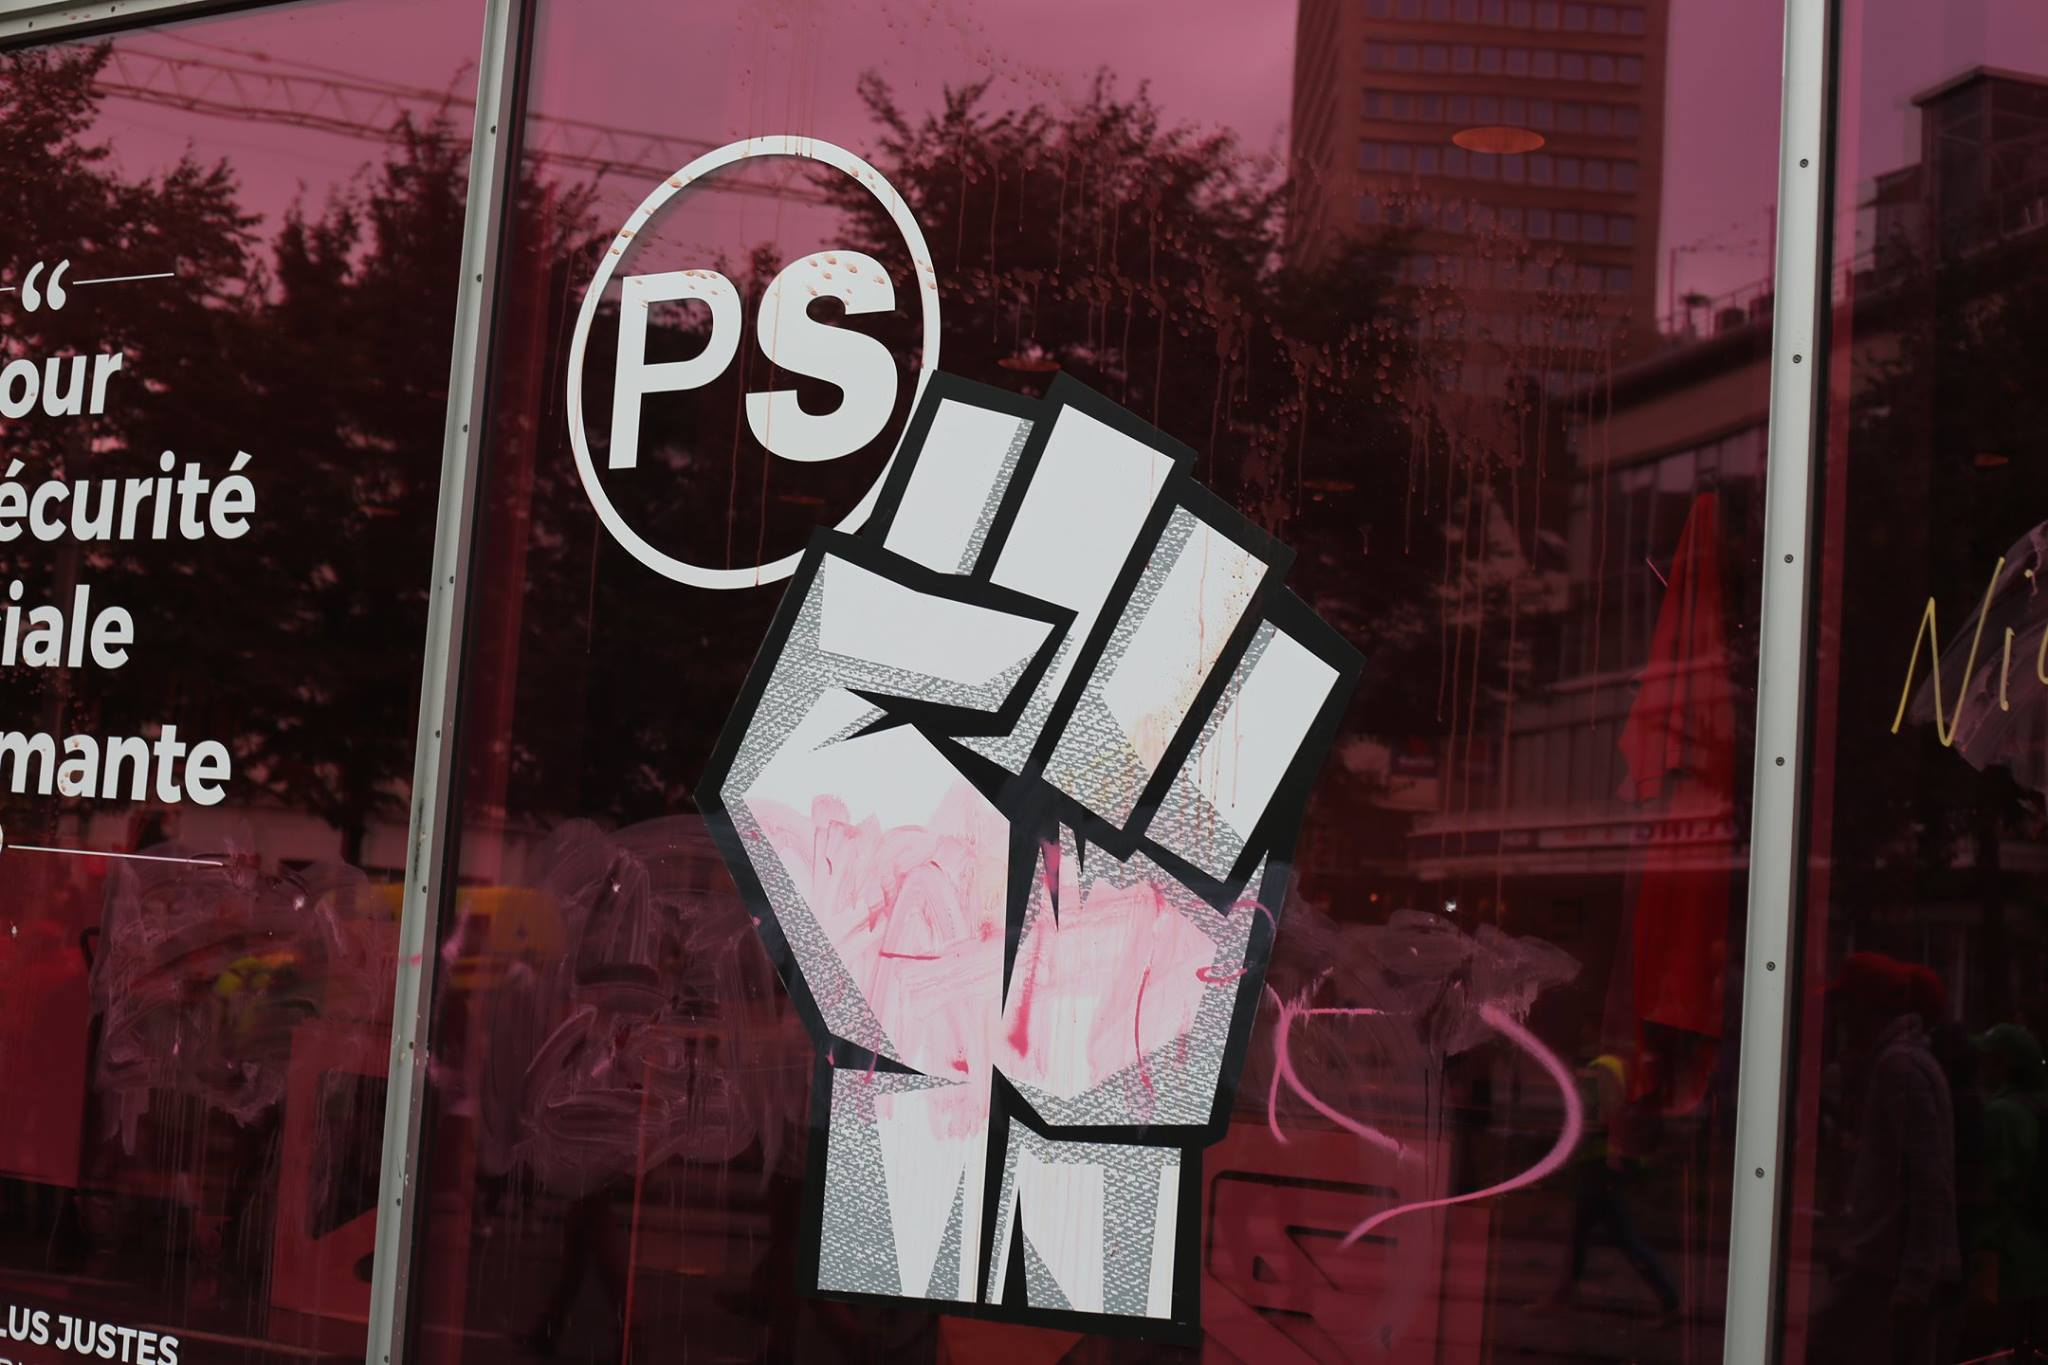 De PS lijkt doodstrijd van Europese sociaaldemocratie dan toch te vervoegen